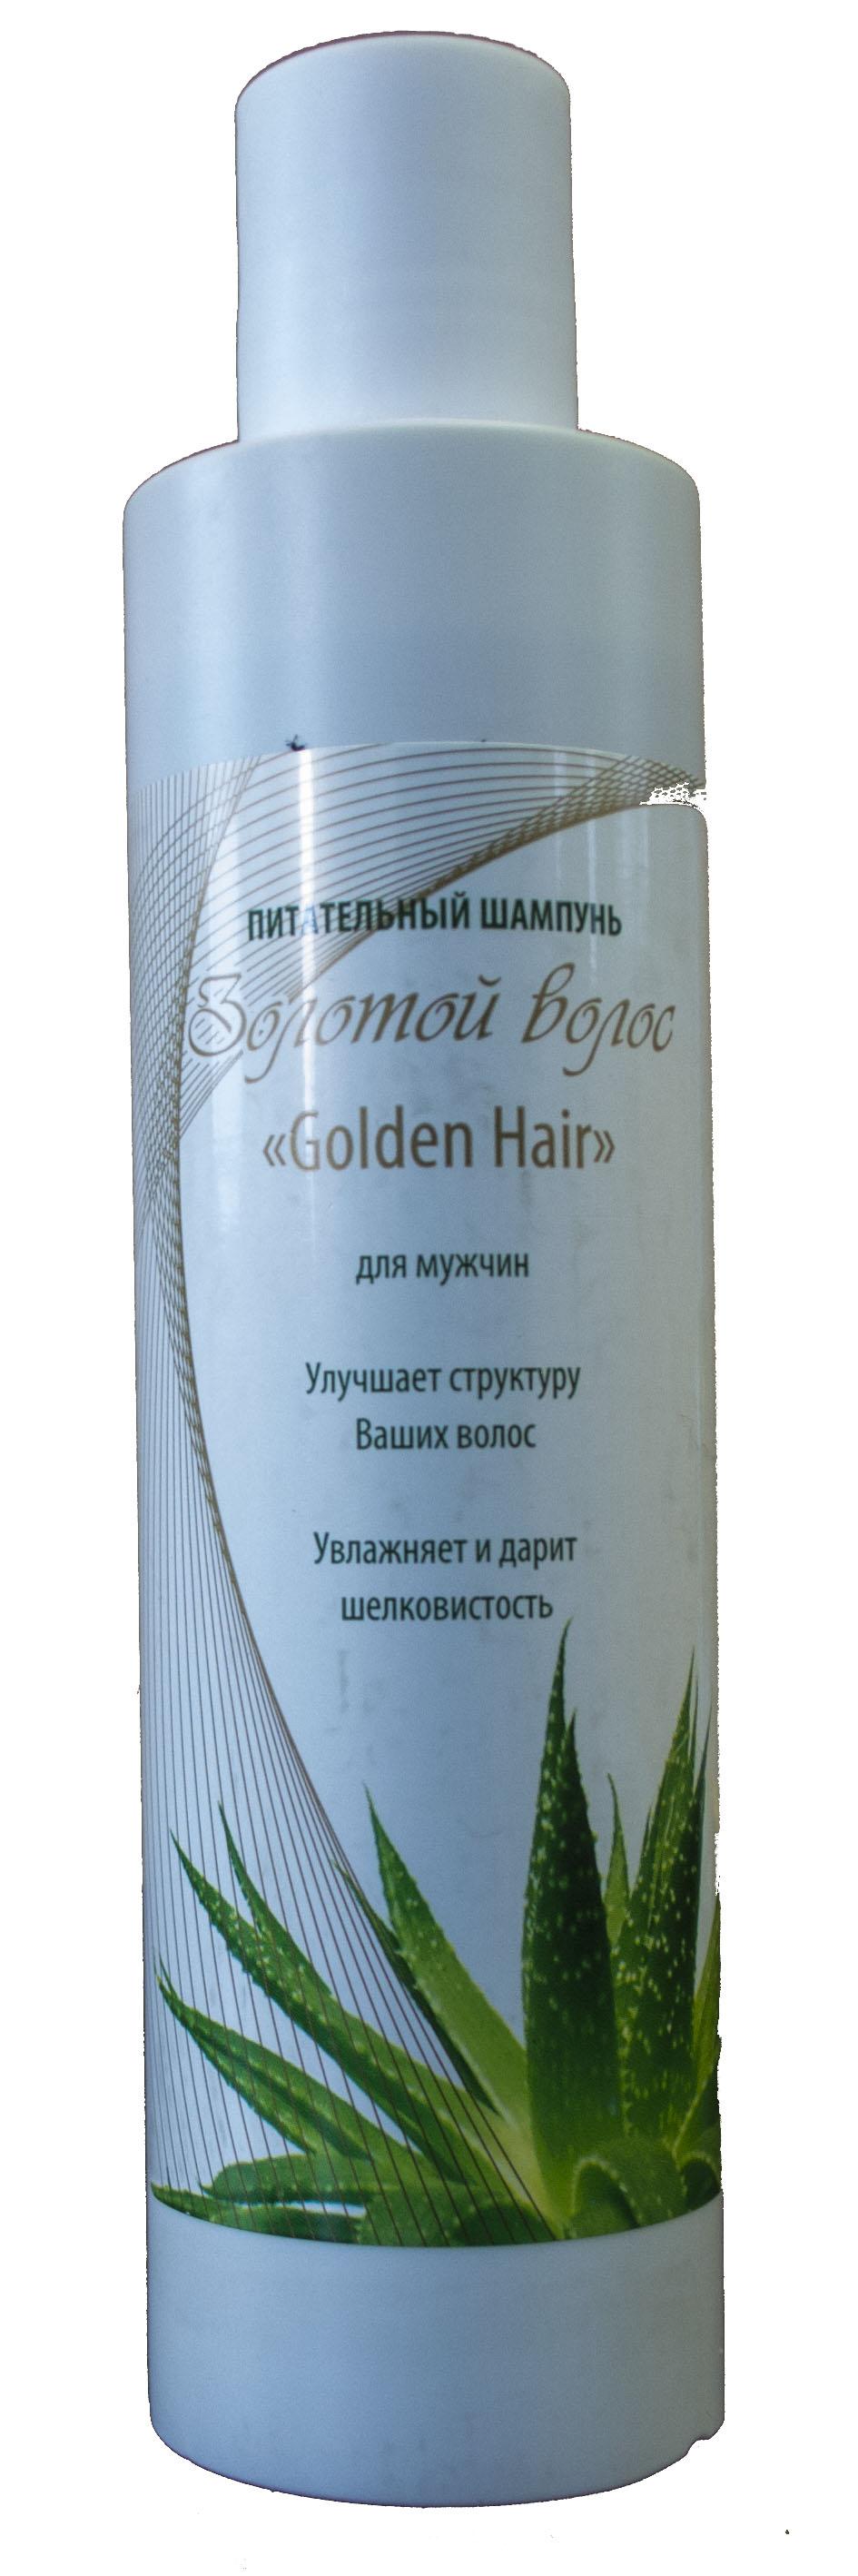 Шампунь для мужчин Золотой волос